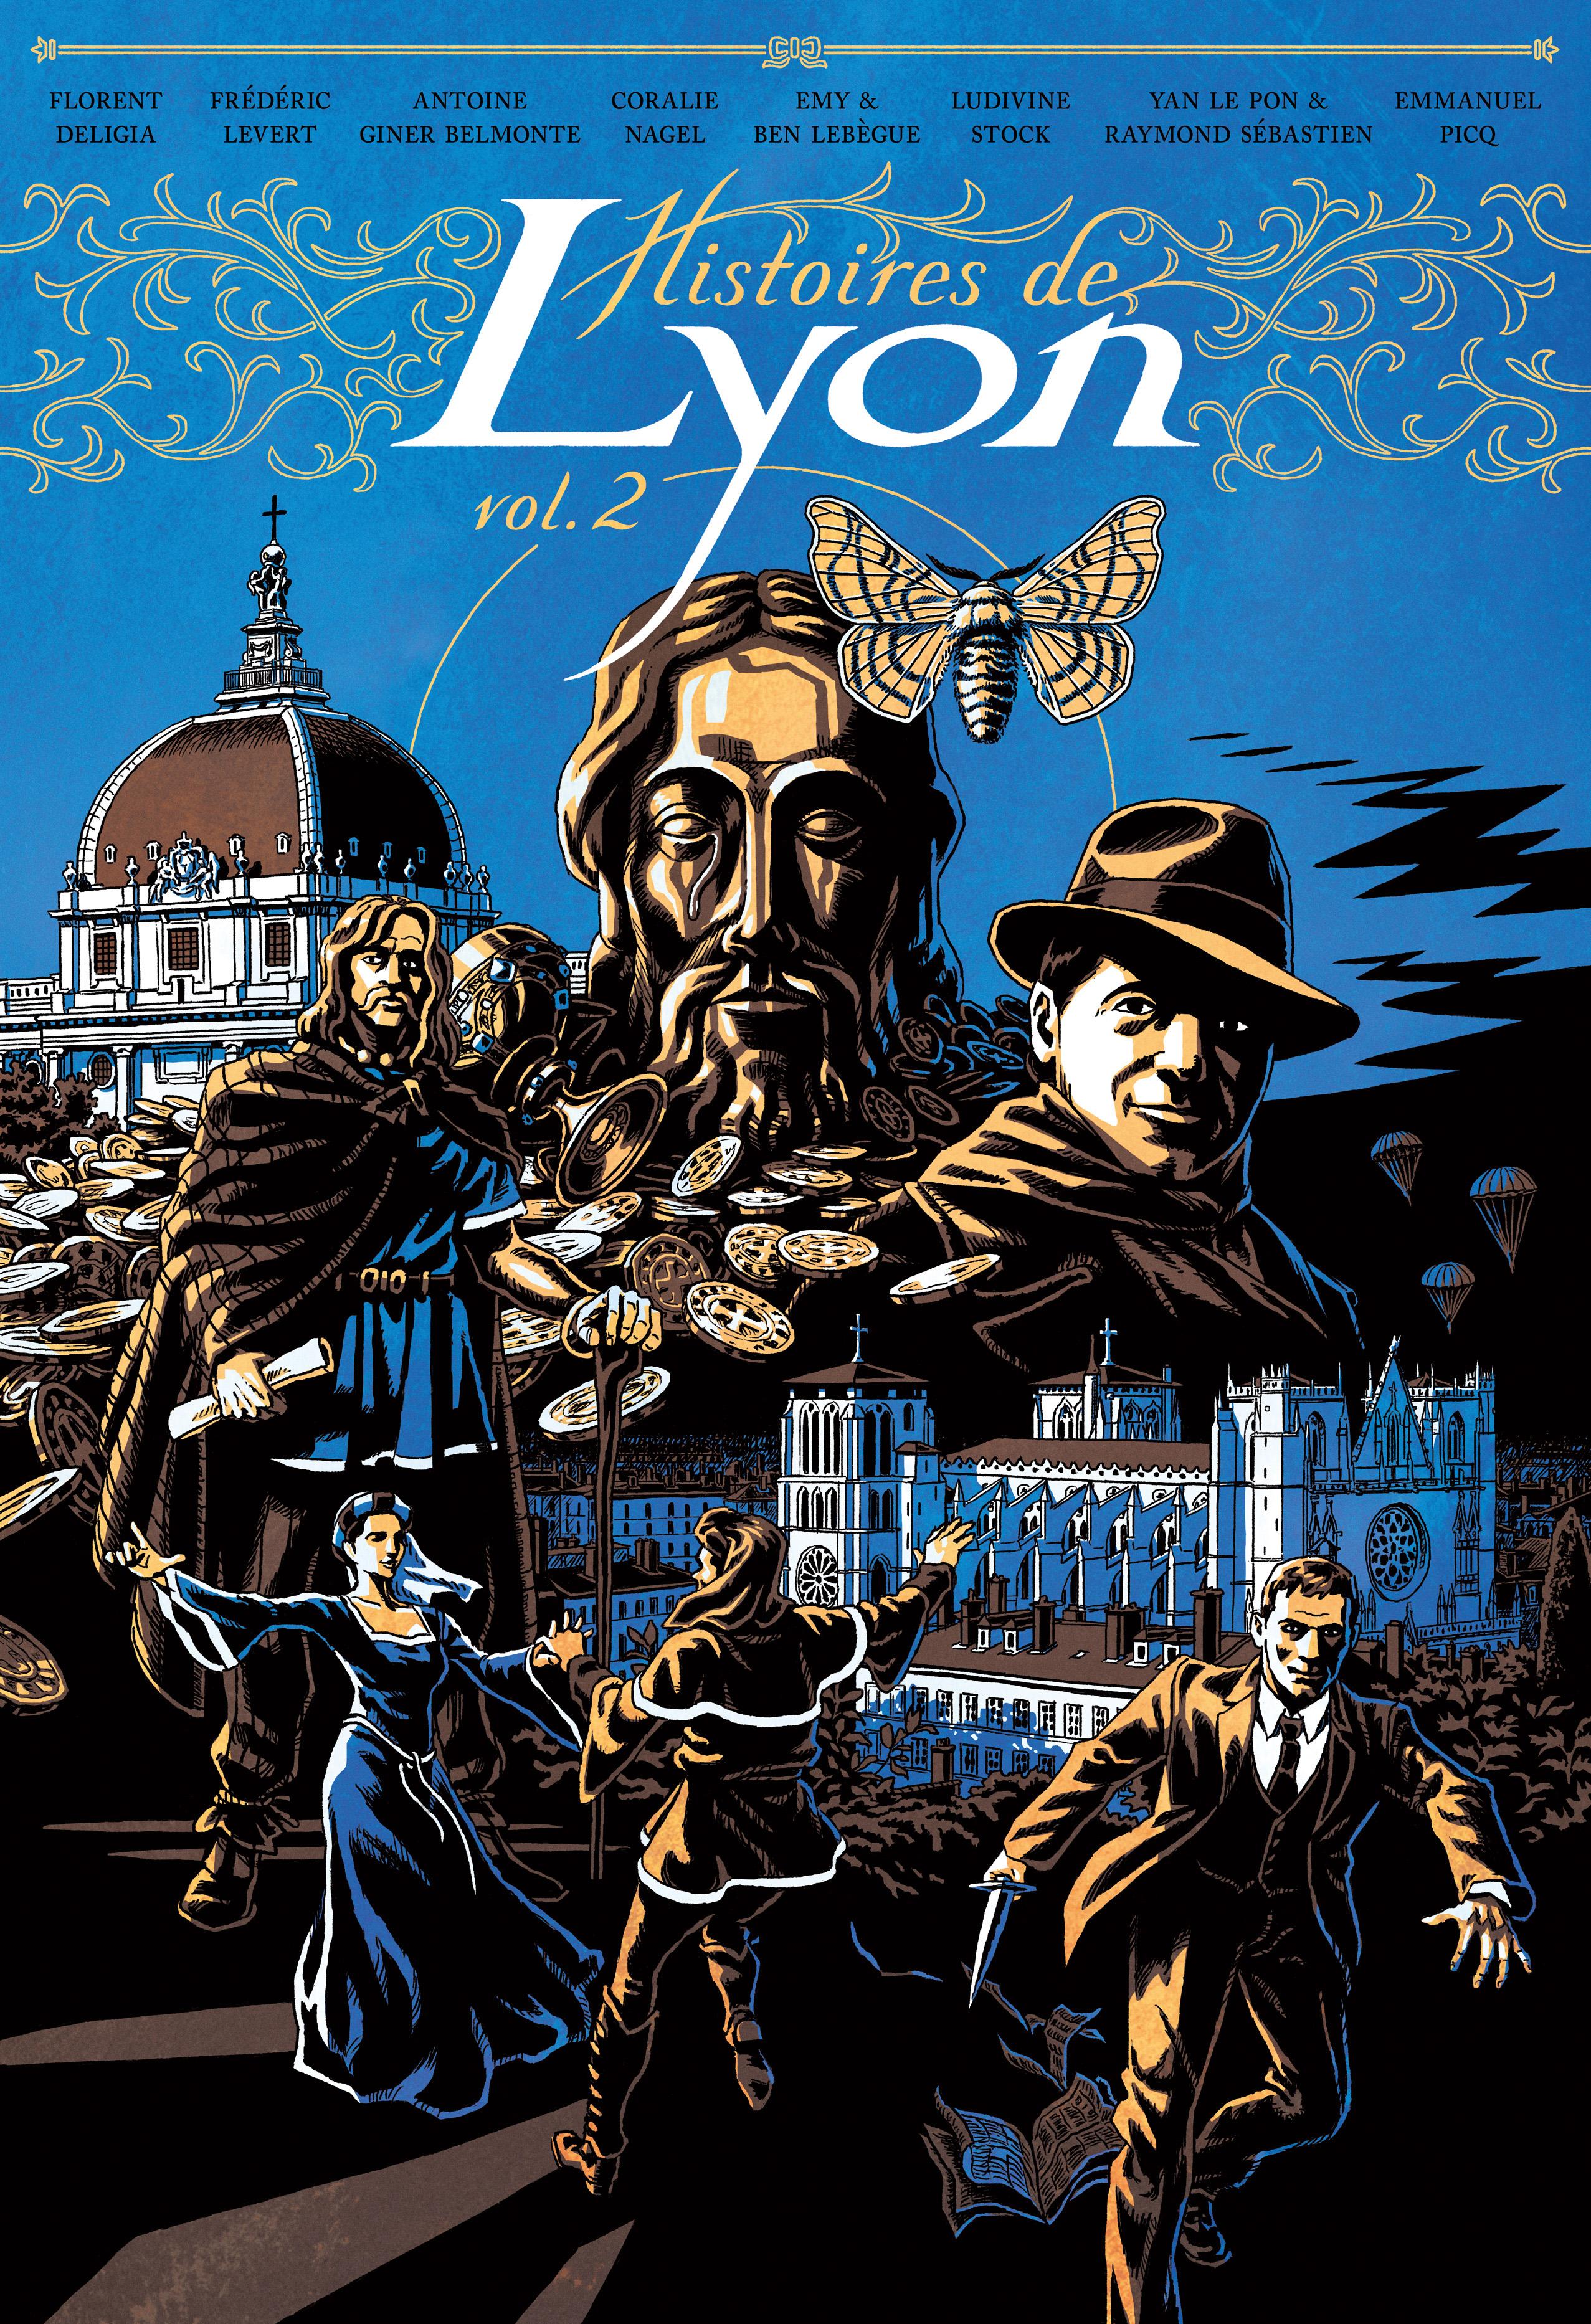 Histoires de Lyon vol.2 - 2014